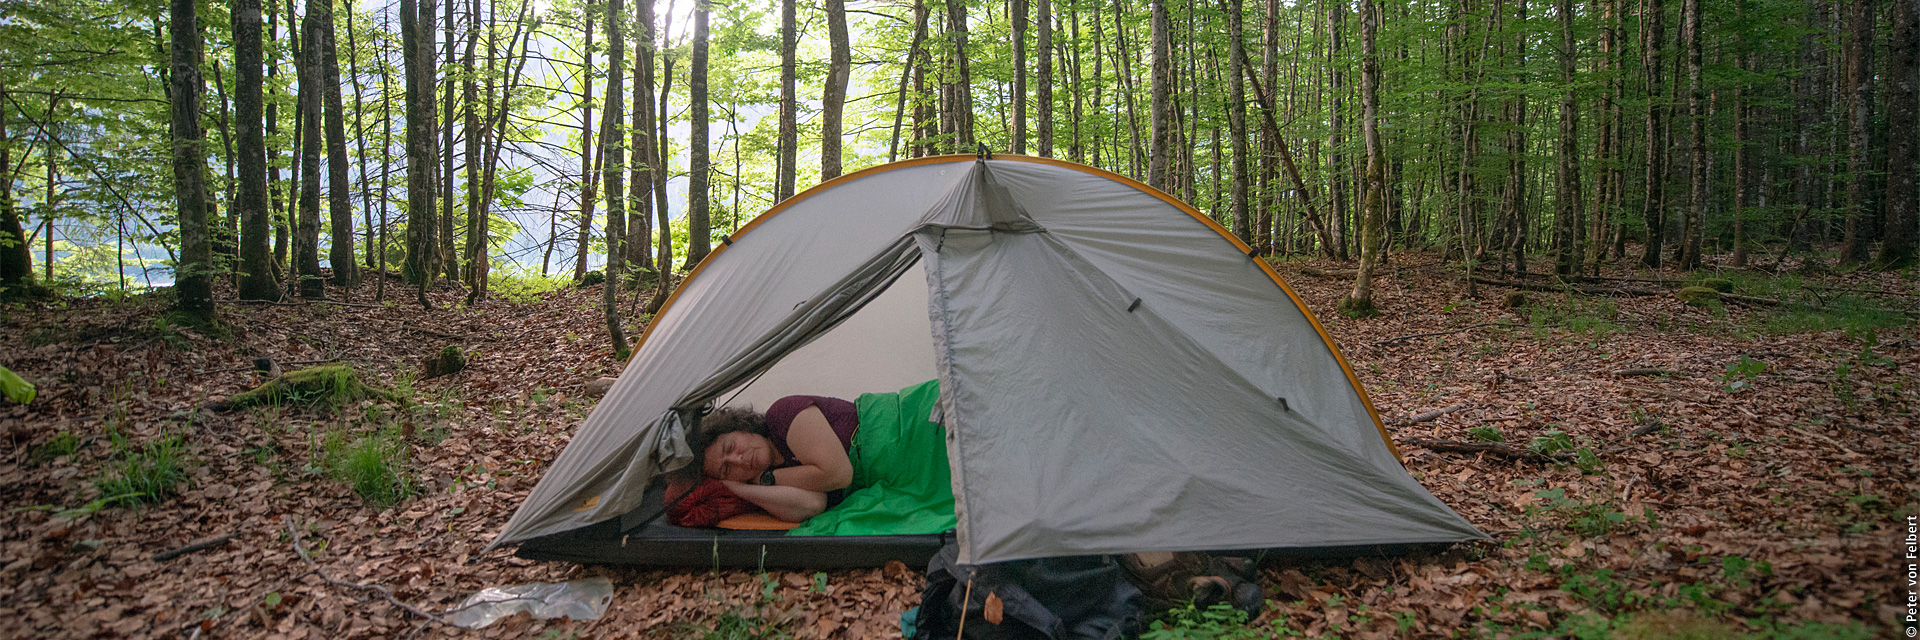 Laufen. Essen. Schlafen. – Die meistgewanderte Frau der Welt